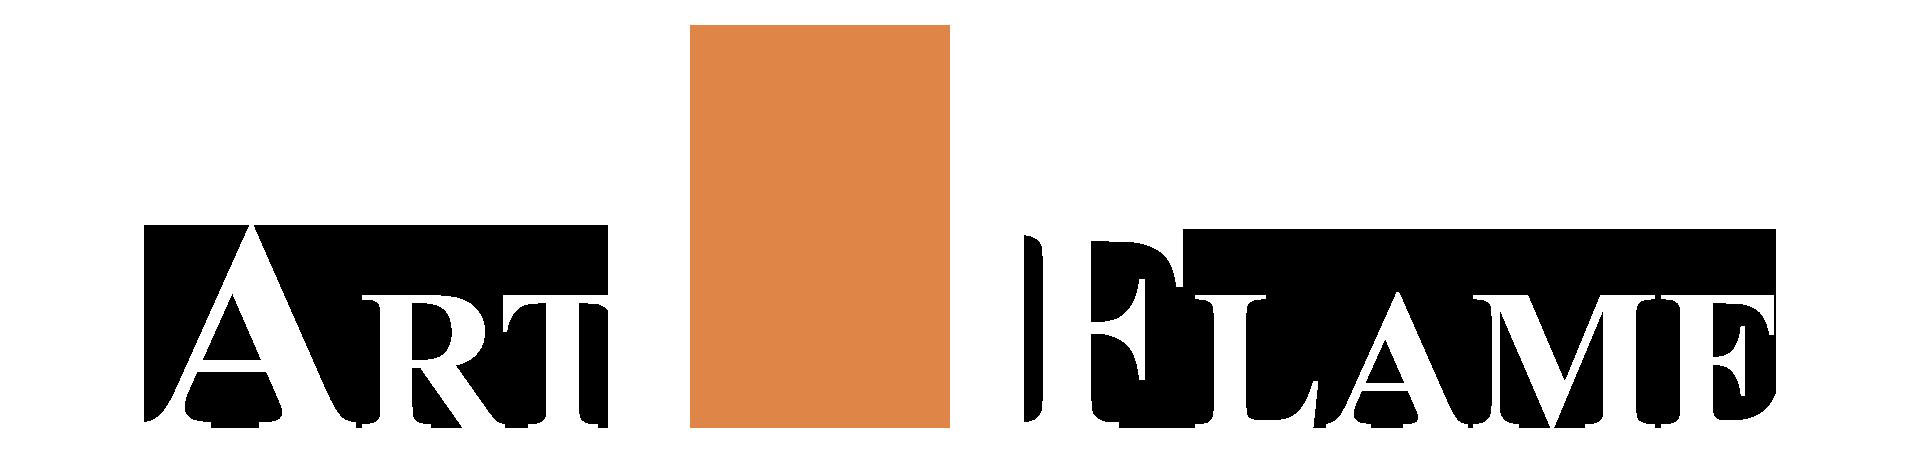 ART FLAME Магазин биокаминов